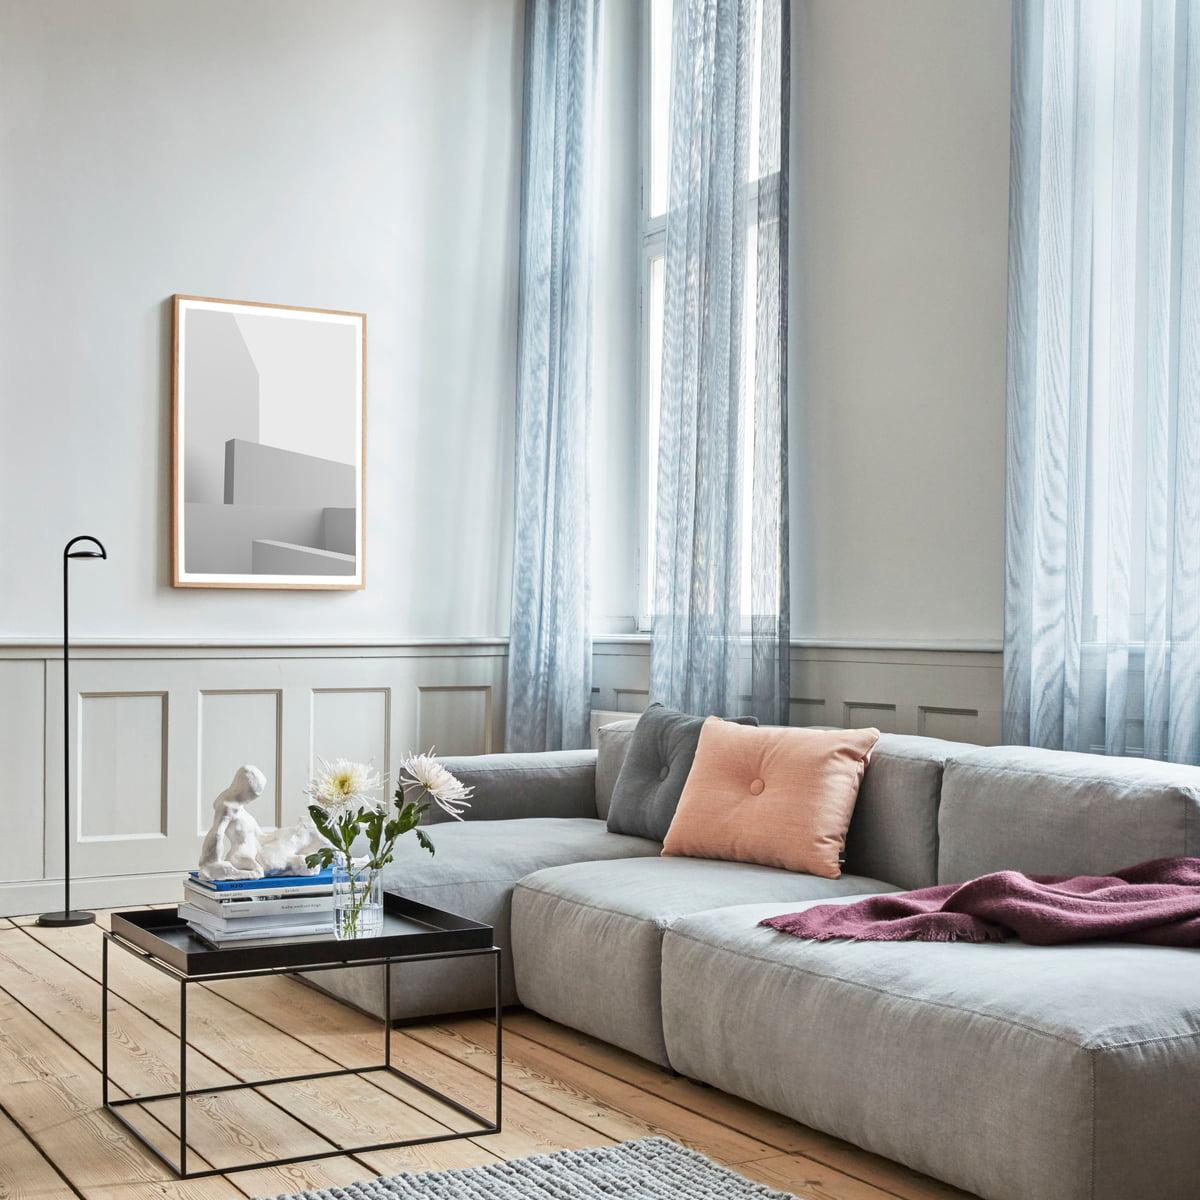 Full Size of Wohnzimmer Graues Sofa Welche Wandfarbe Grauer Teppich Mit Kissen Dekorieren Graue Couch Weisser Kombinieren Bunte Passt Dekoration 2er Ikea Kleines Weies Sofa Graues Sofa